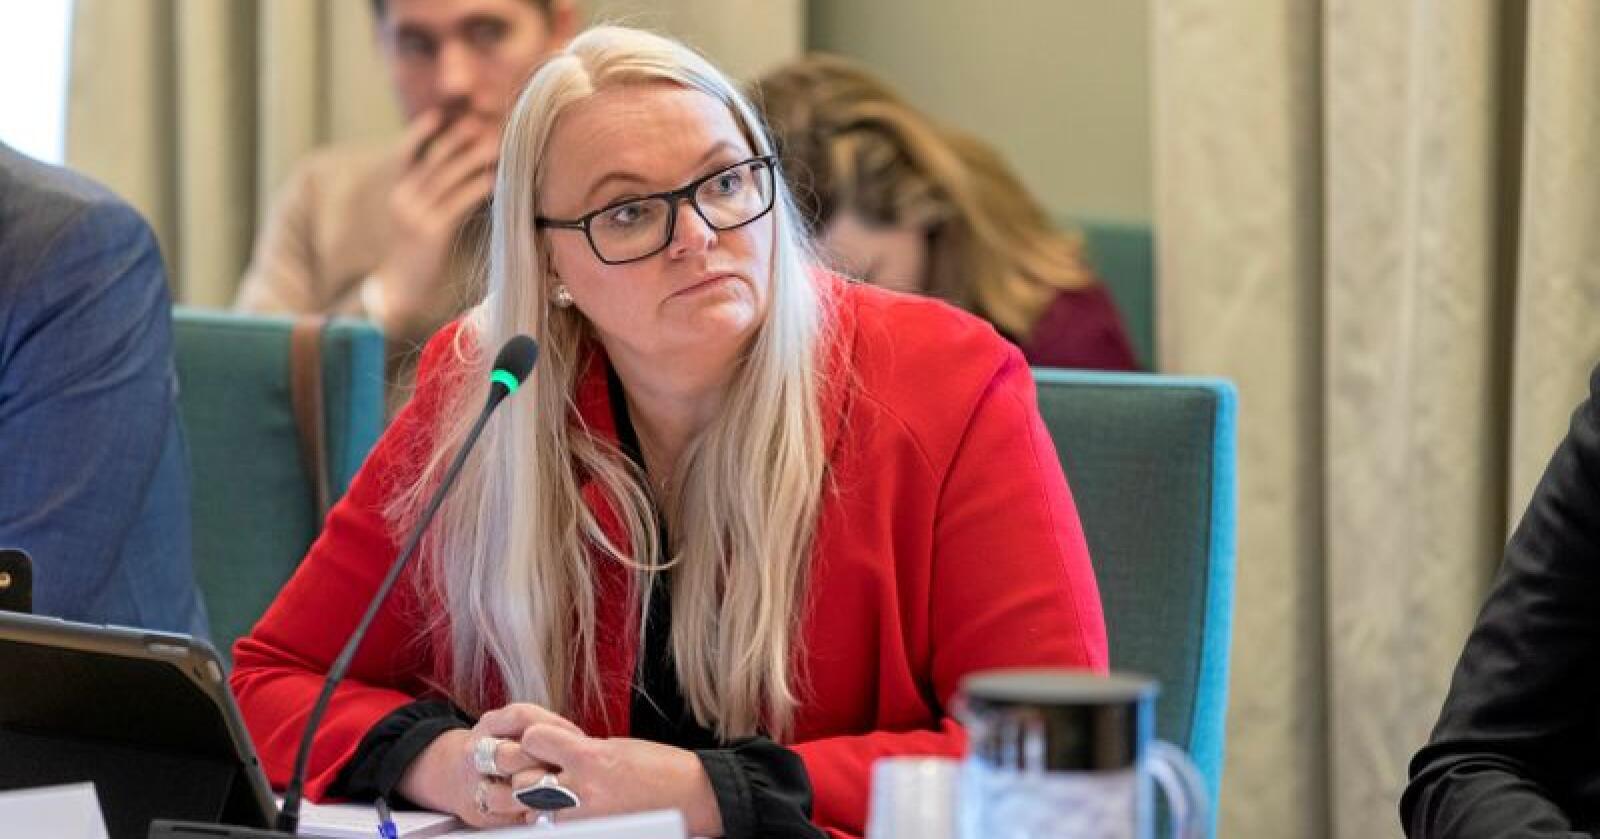 Senterpartiet vil gi aviser 12 millioner kroner, sier partiets Åslaug Sem-Jacobsen til Vårt Land. Foto: Gorm Kallestad / NTB scanpix